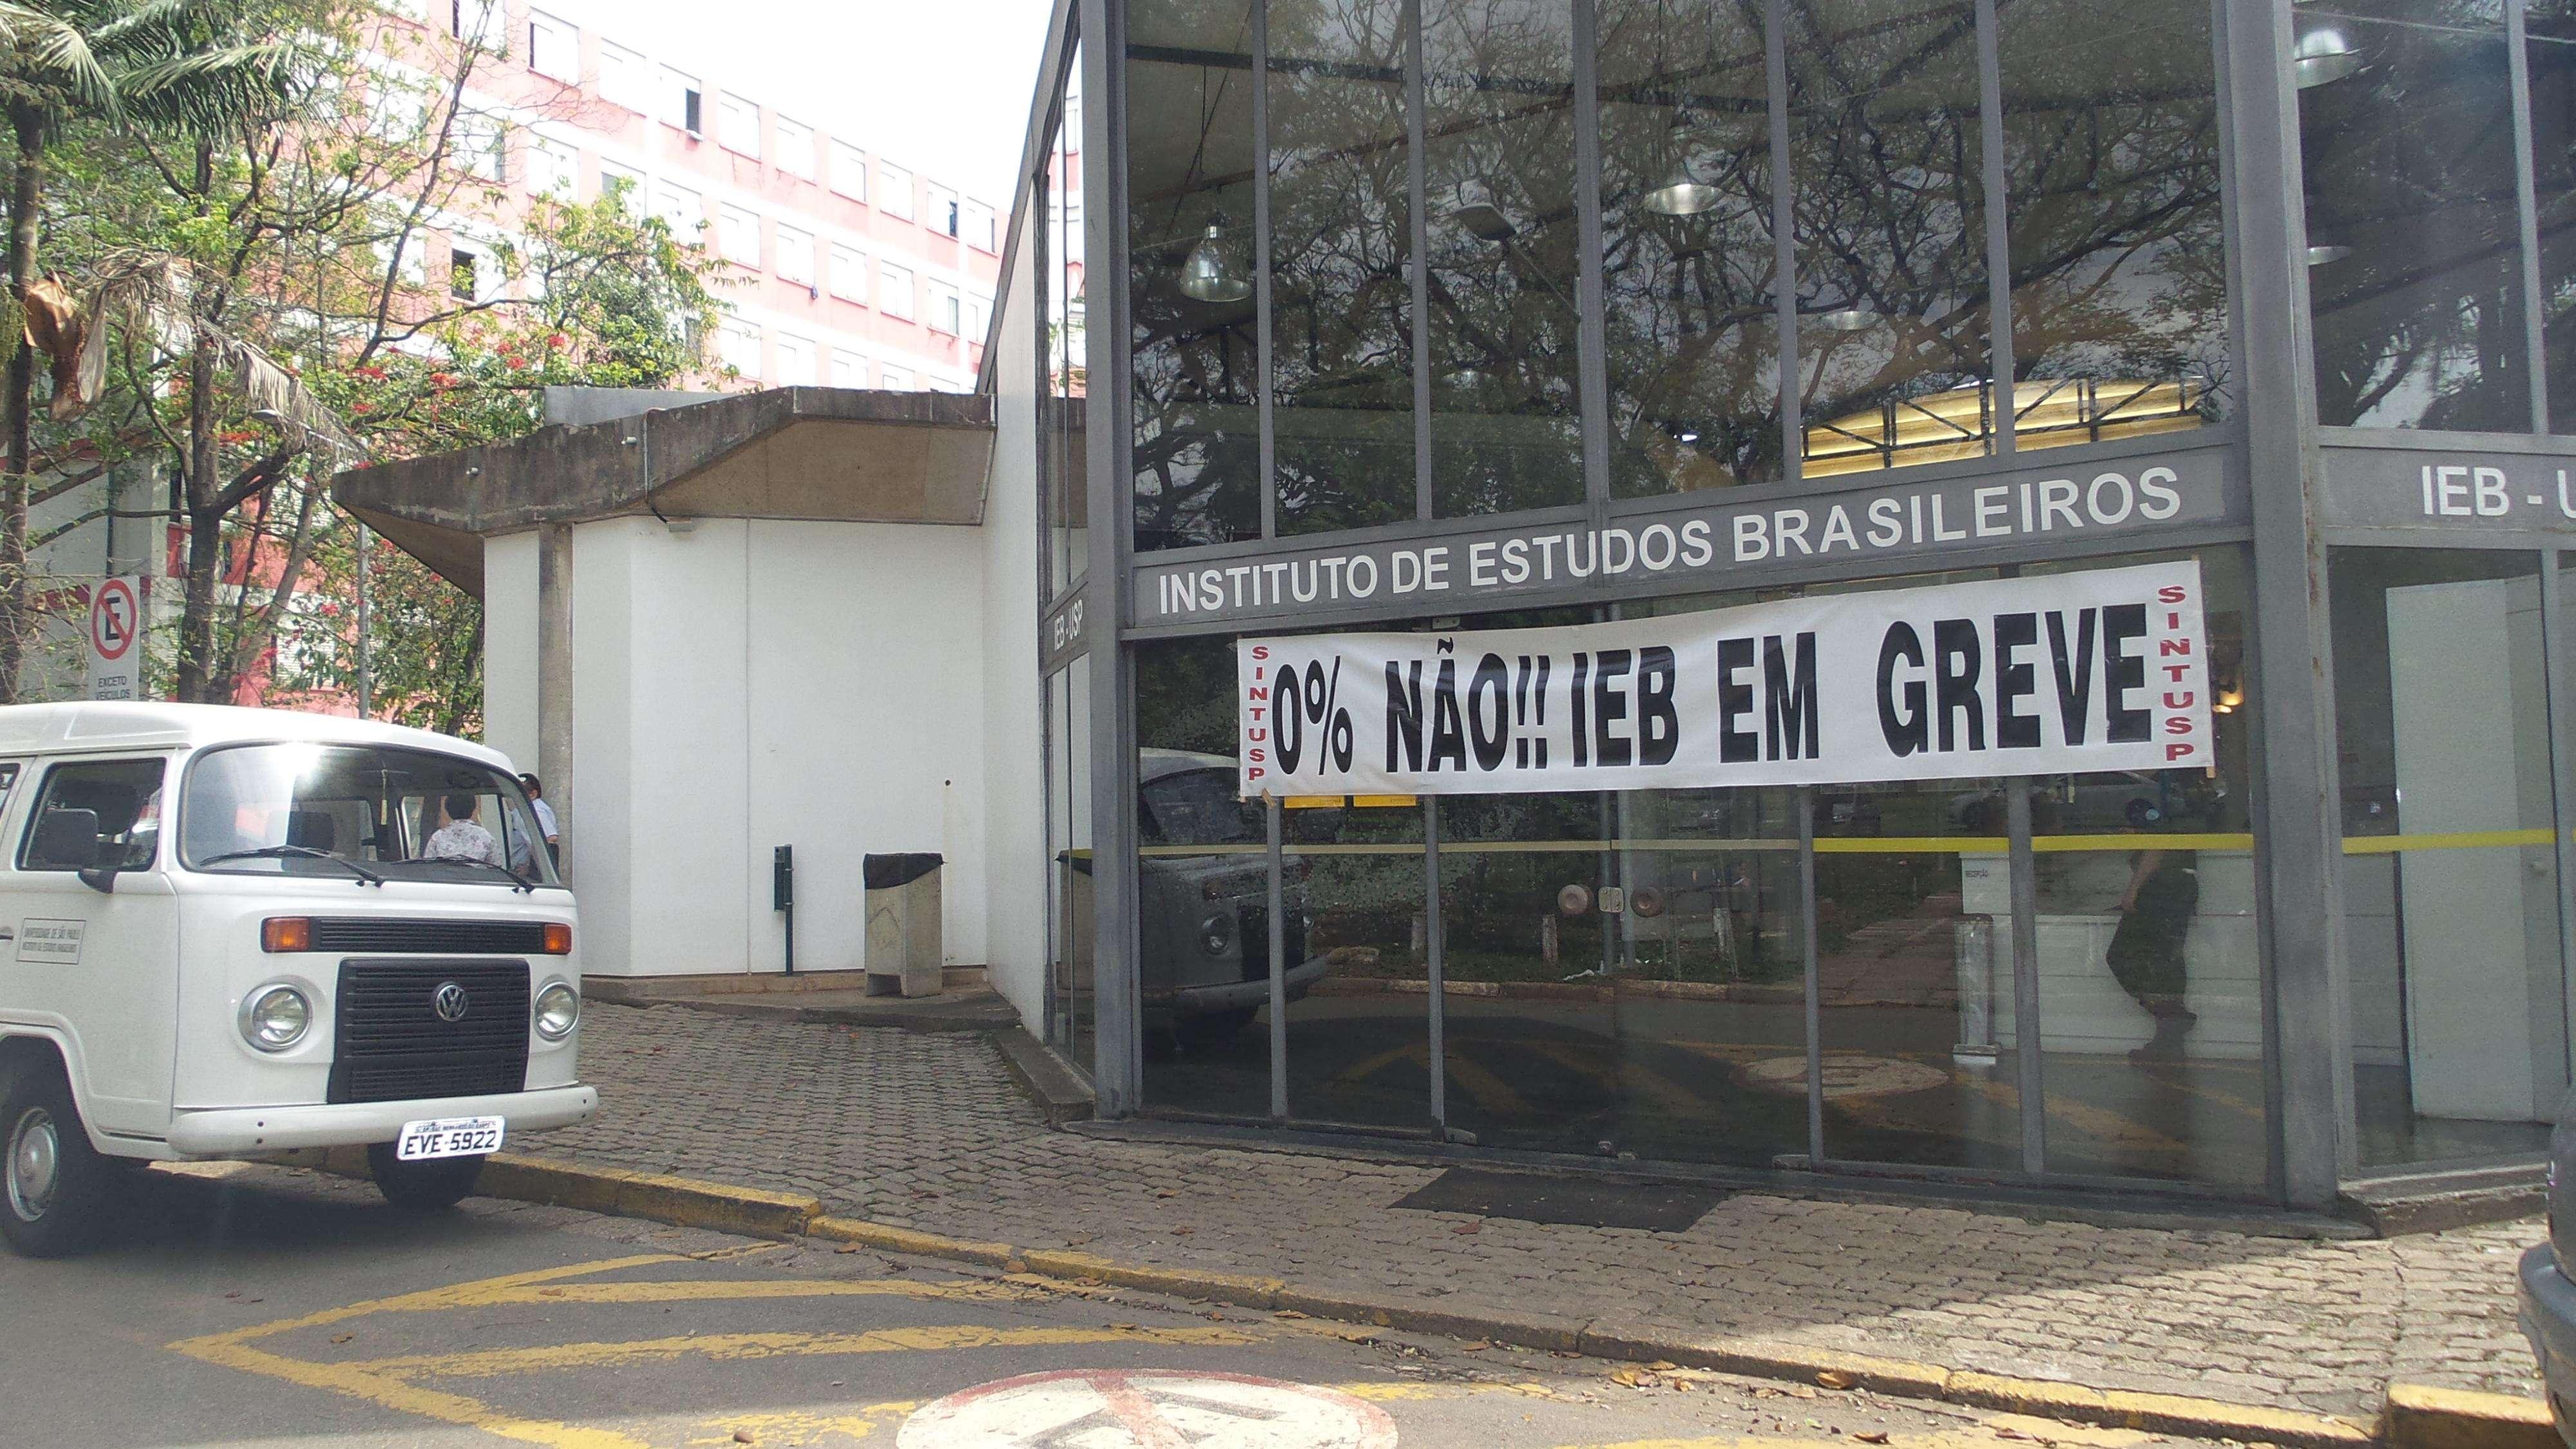 Faixa da greve é colocada na entrada do Instituto de Estudos Brasileiros (IEB); professores, funcionários e estudantes da USP estão em greve desde 27 de maio Foto: Débora Melo/Terra